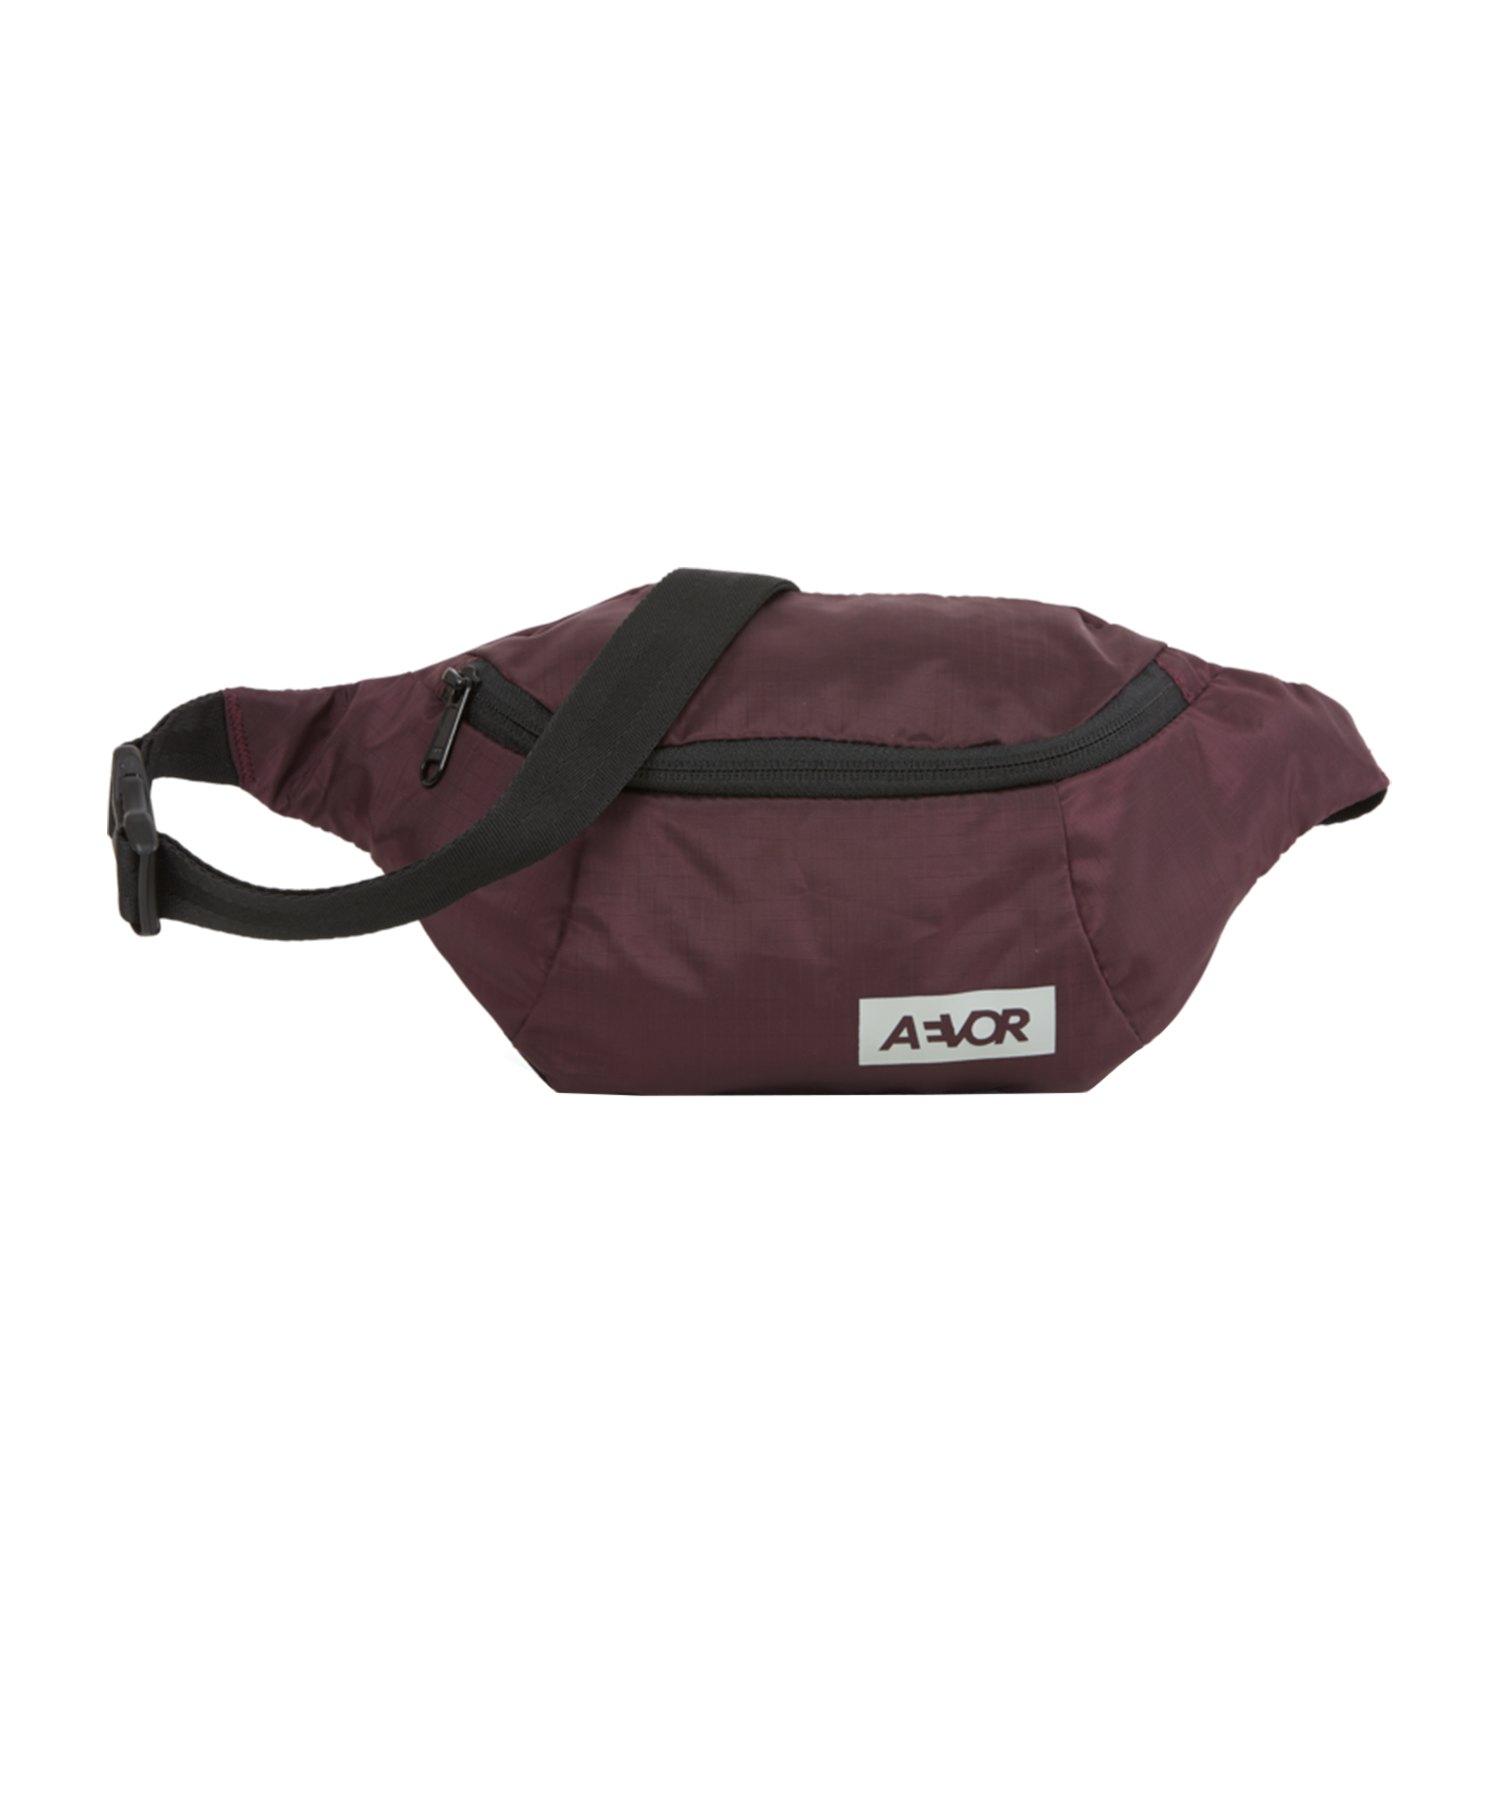 AEVOR Hip Bag Hüfttasche Rot F535 - rot